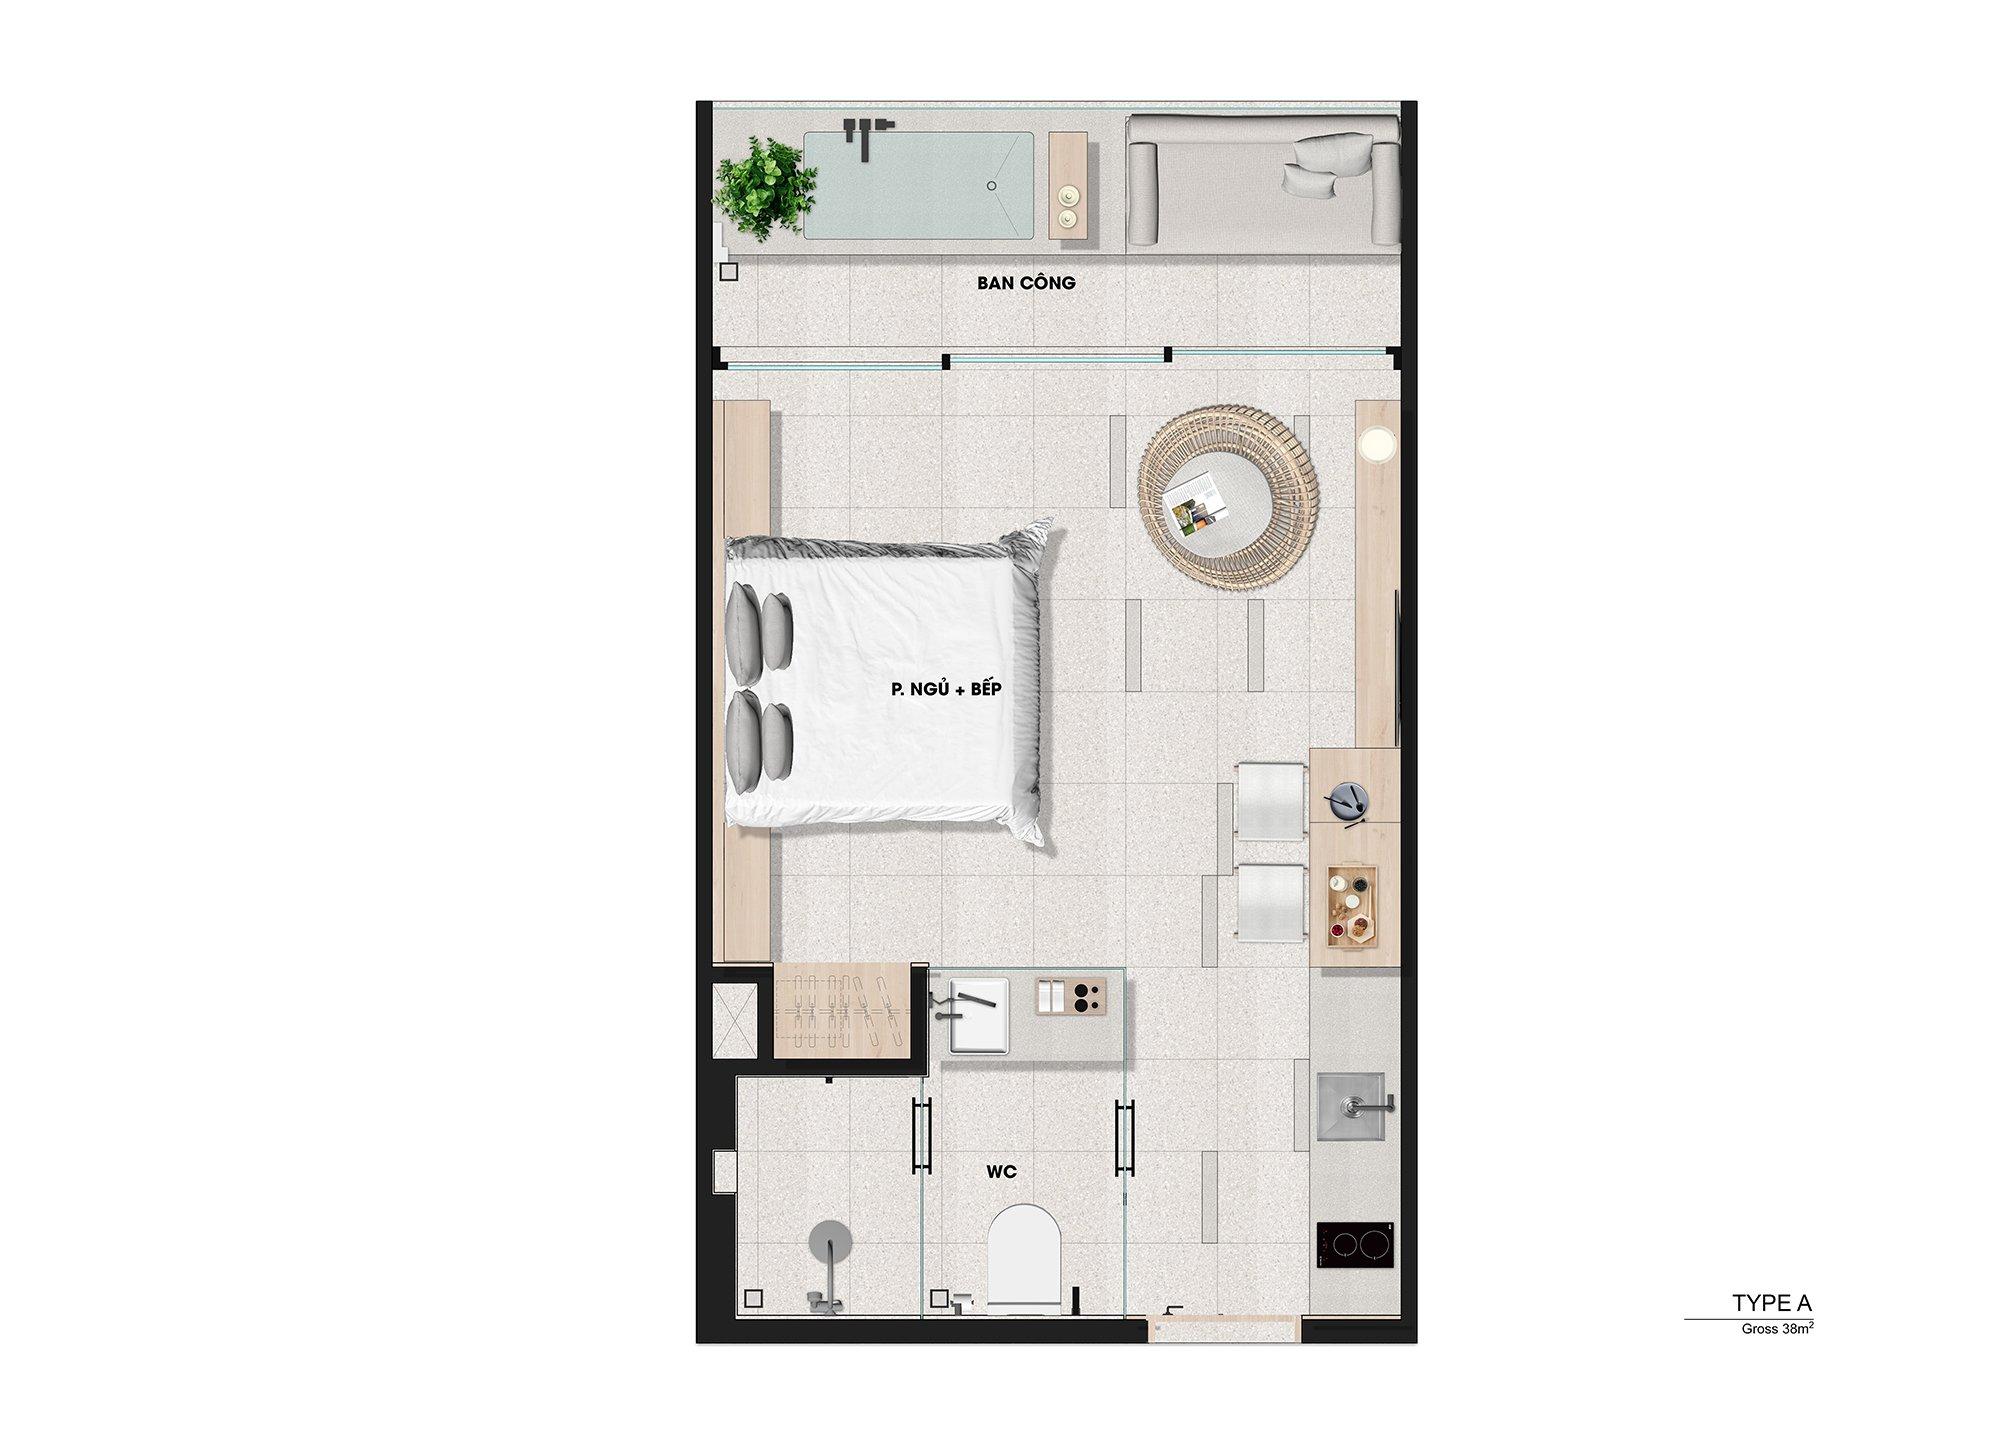 thanh long bay garden bay Type A 38m2 - DỰ ÁN THANH LONG BAY PHAN THIẾT TỈNH BÌNH THUẬN